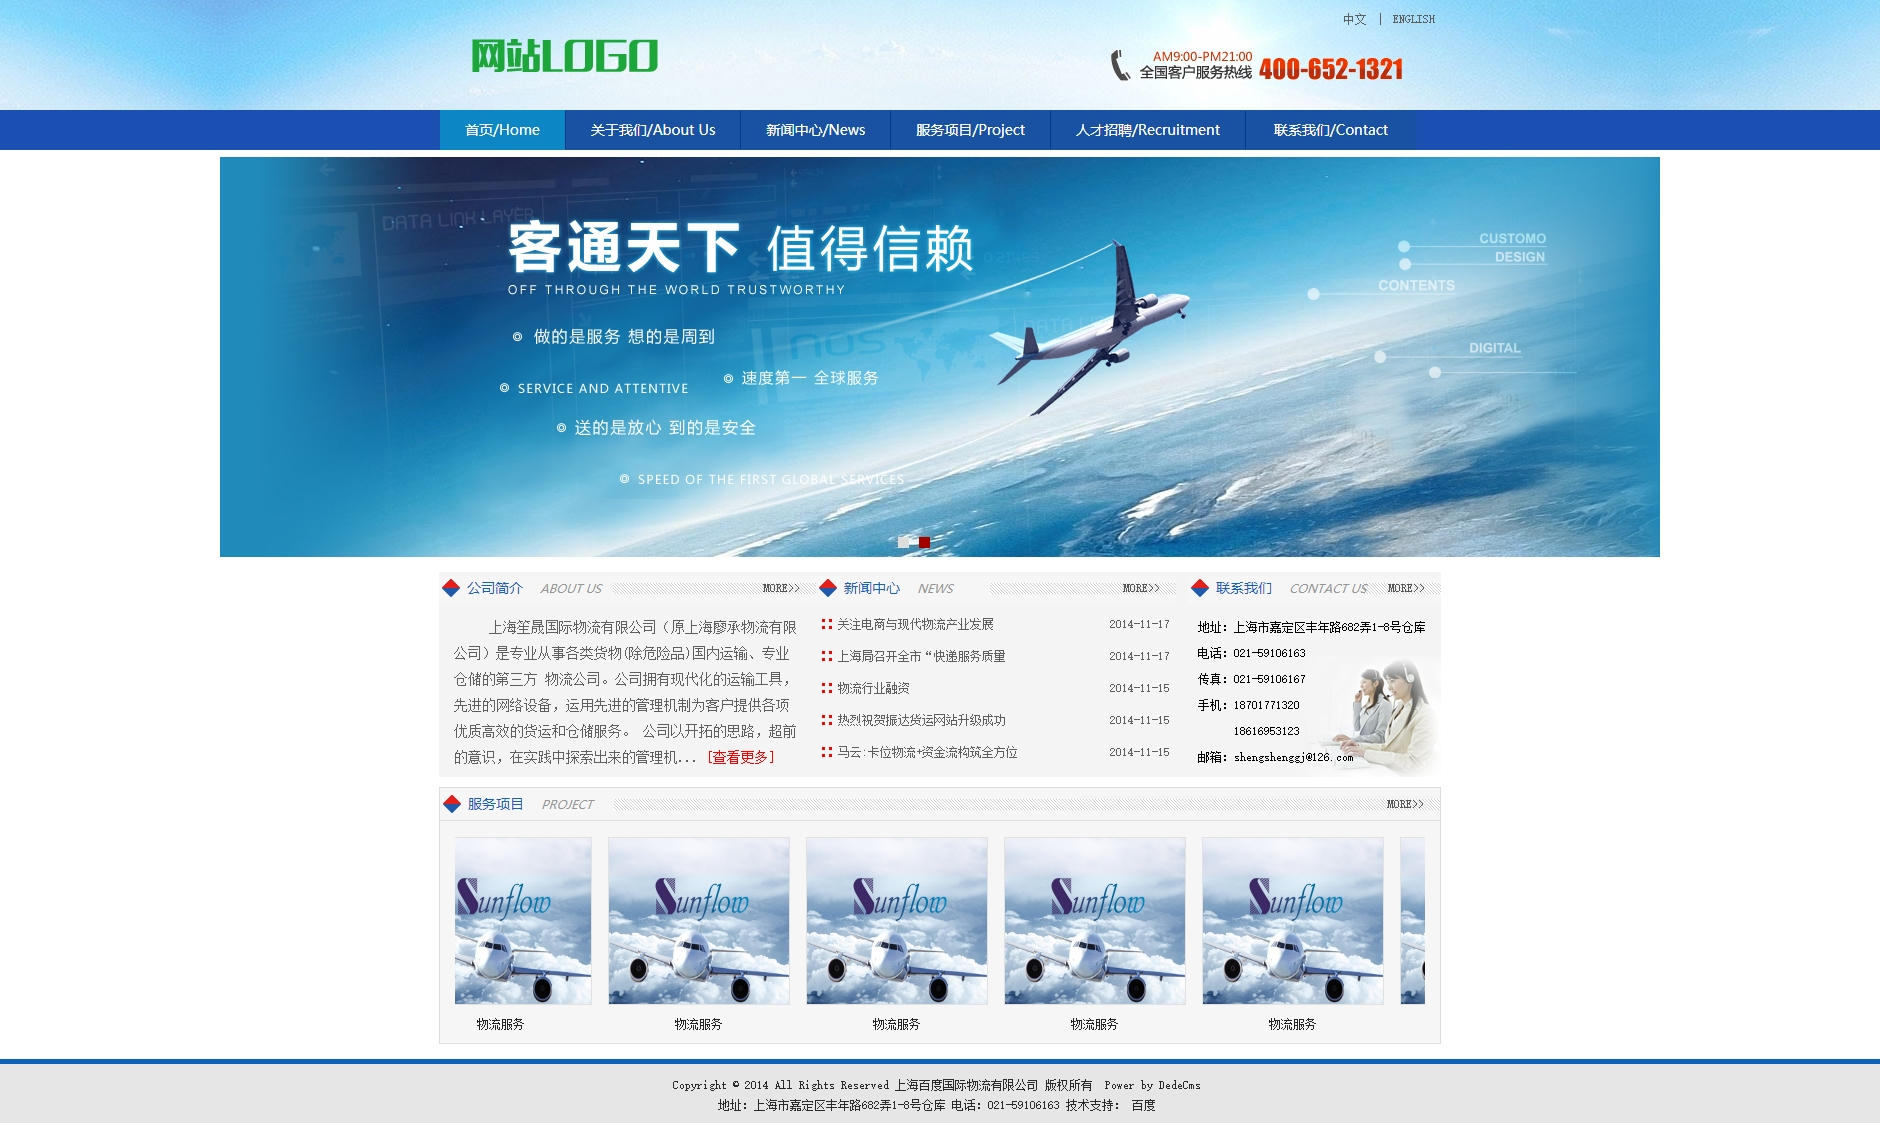 中英版蓝色大气物流公司企业网站整站织梦dedecms模板